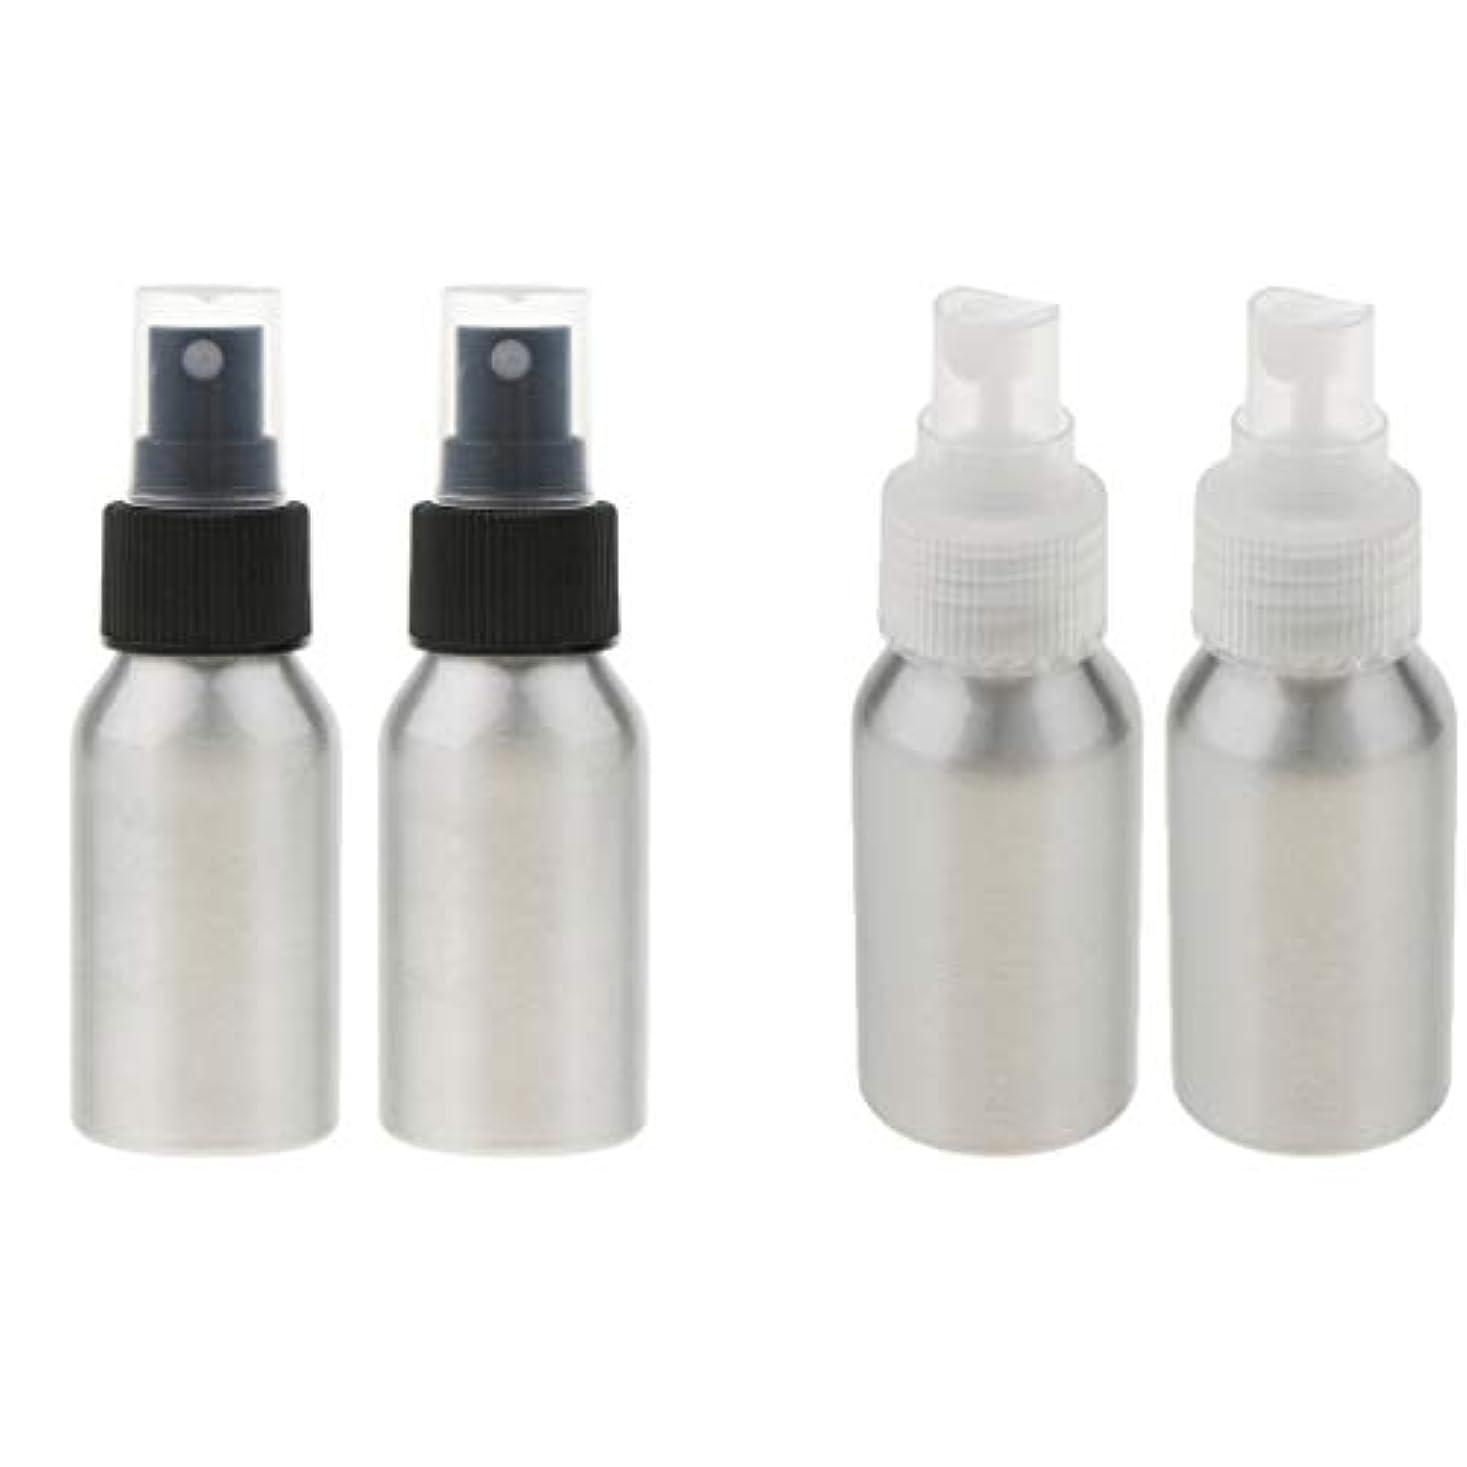 天ののため法律によりDYNWAVE 4個入り 旅行 アルミ ミスト スプレー 香水ボトル スプレー アトマイザー 小分けボトル 漏れ防止